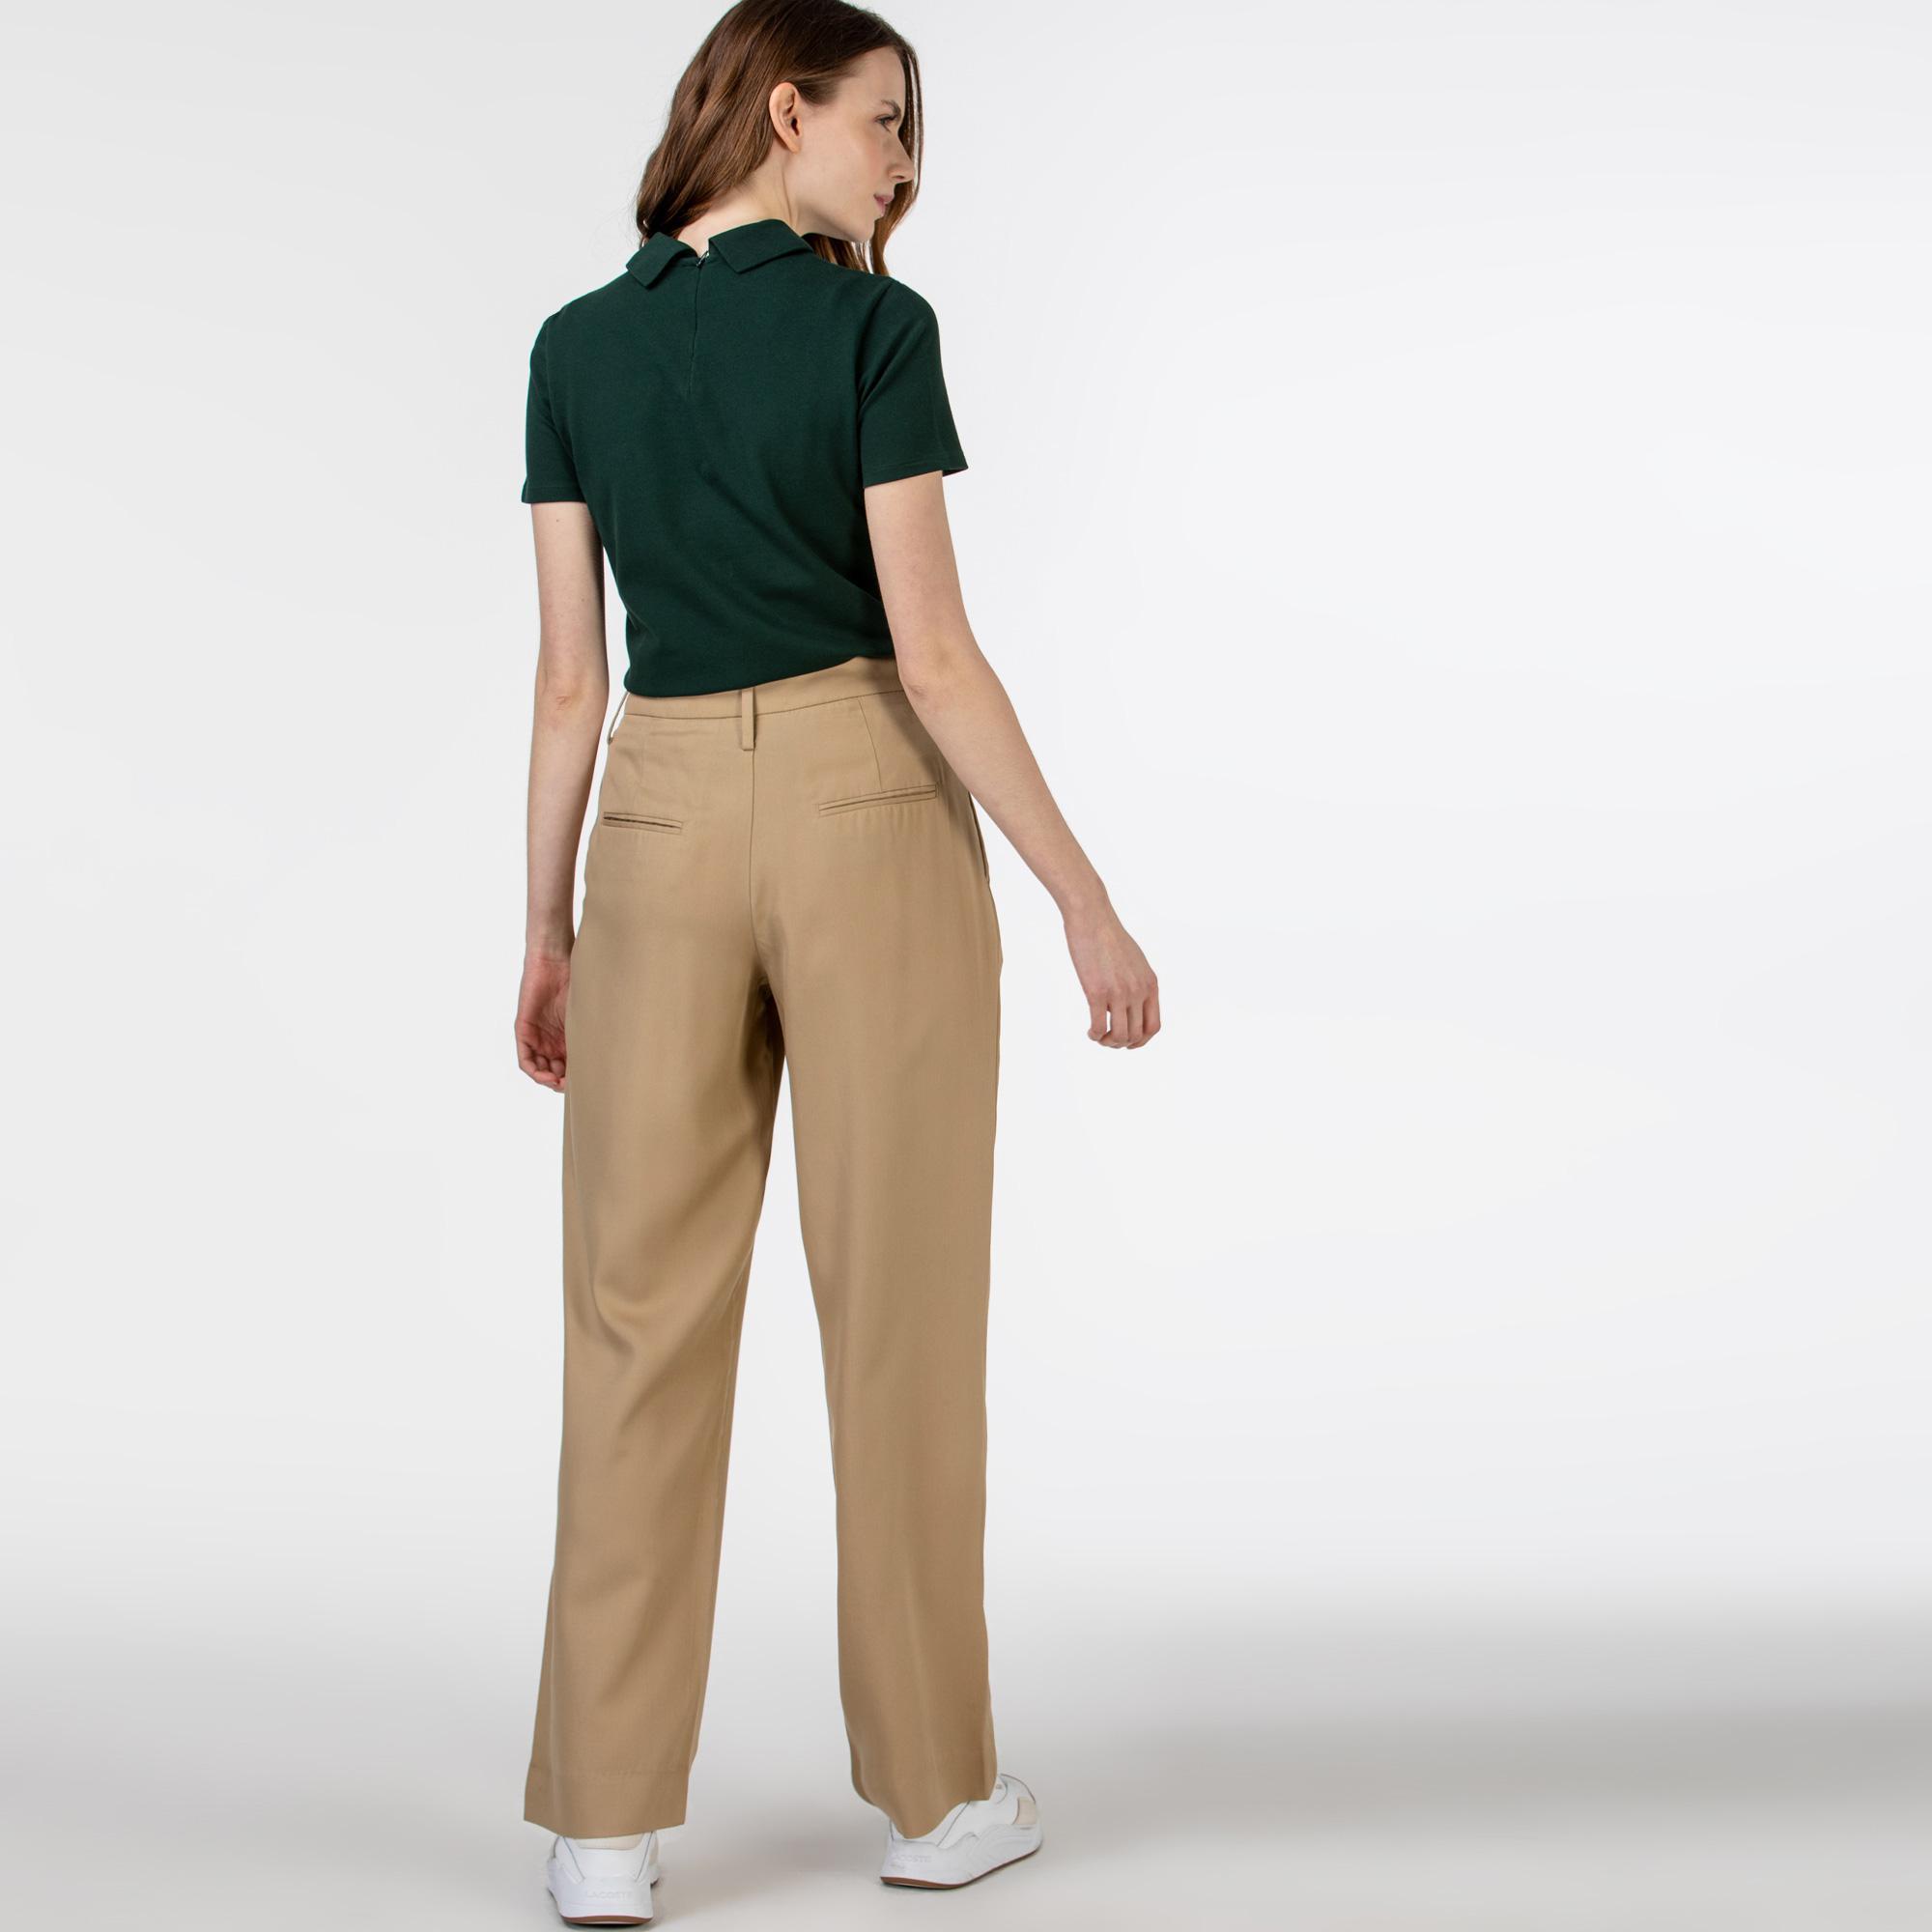 Lacoste Luźne spodnie damskie